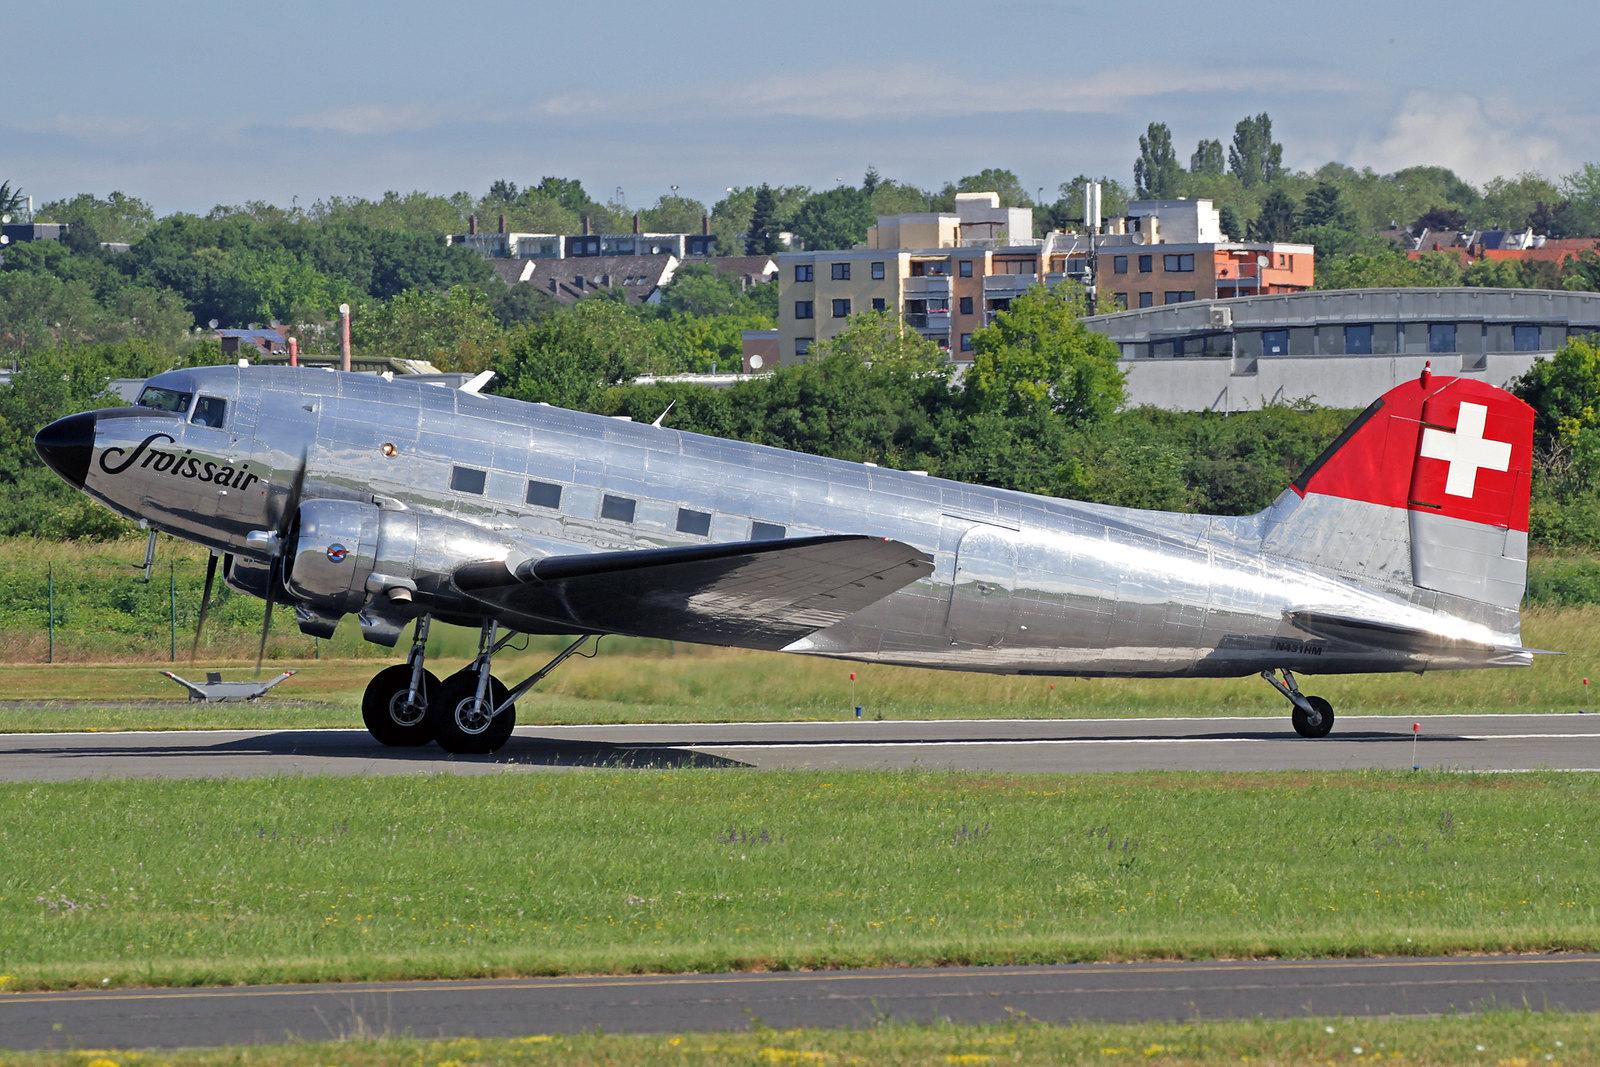 """N431HM - Diese Douglas DC-3C wurde 1942 als eine C-47A-45-DL (c/n 09995) von Douglas in Long Beach gebaut. Von 1987 bis 2004 wurde sie von der schweizerischen Classic Air unter Kennung HB-ISC betrieben und ging danach an den """"Verein Freunde der Swissair""""."""